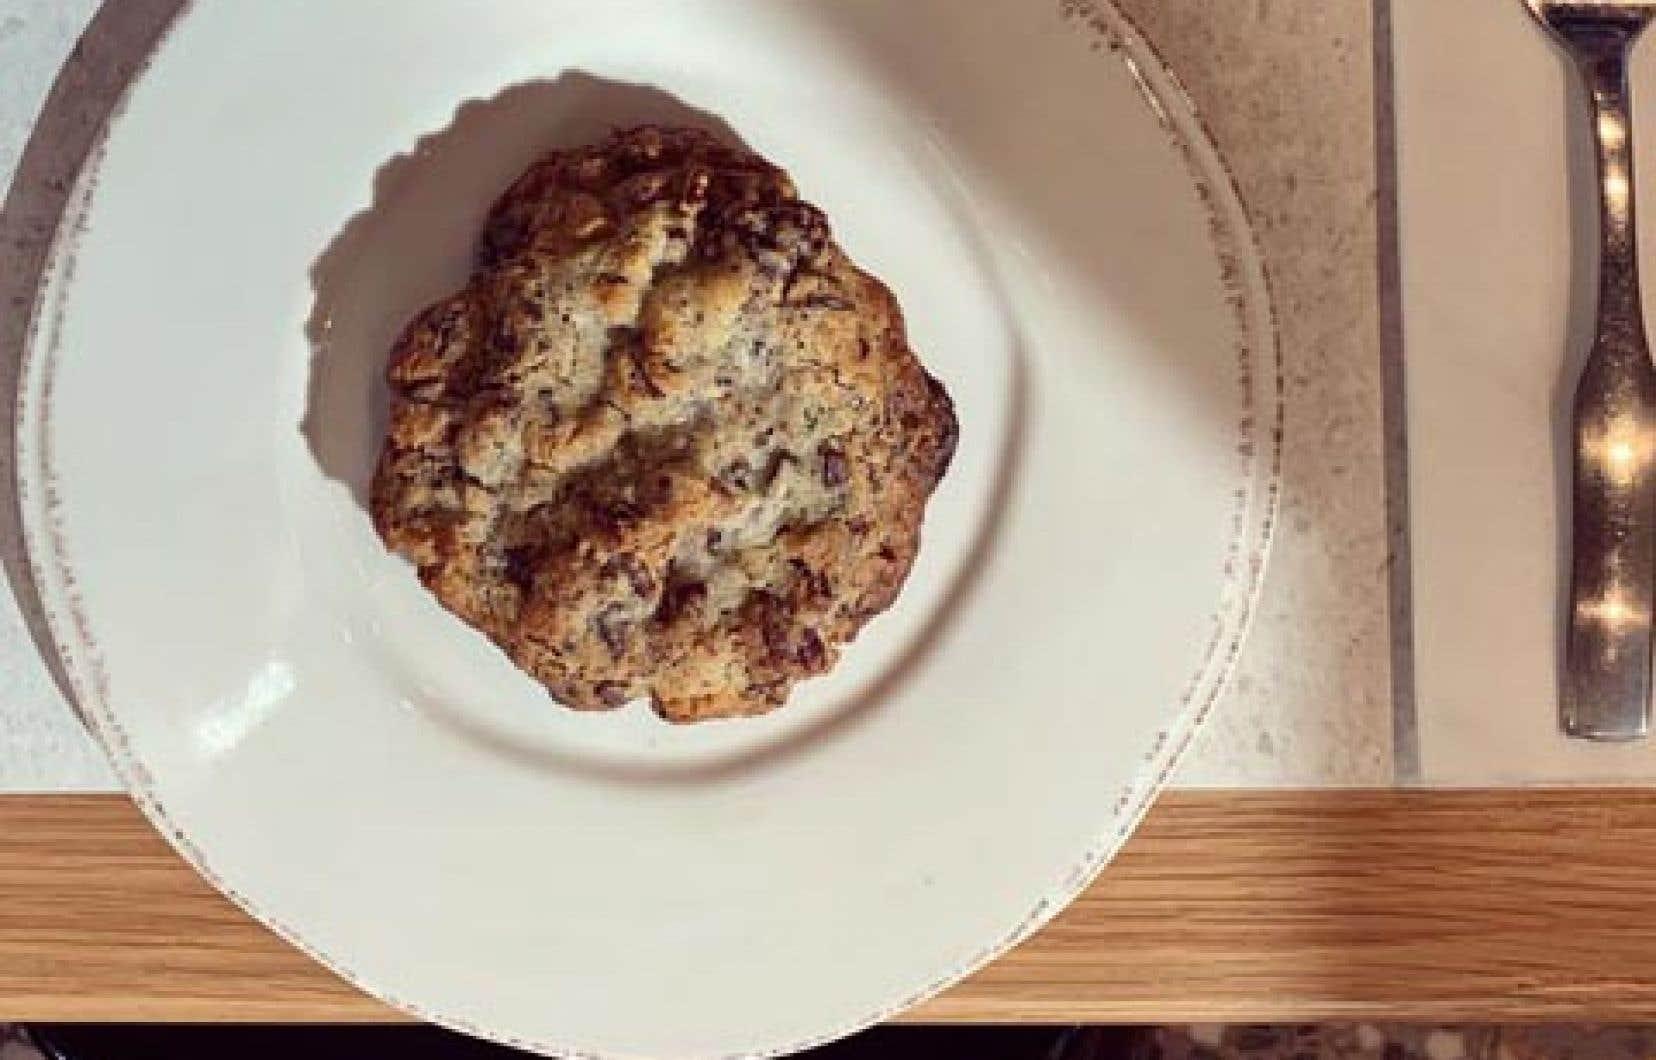 Cuire au four jusqu'à ce que les biscuits soient légèrement dorés.